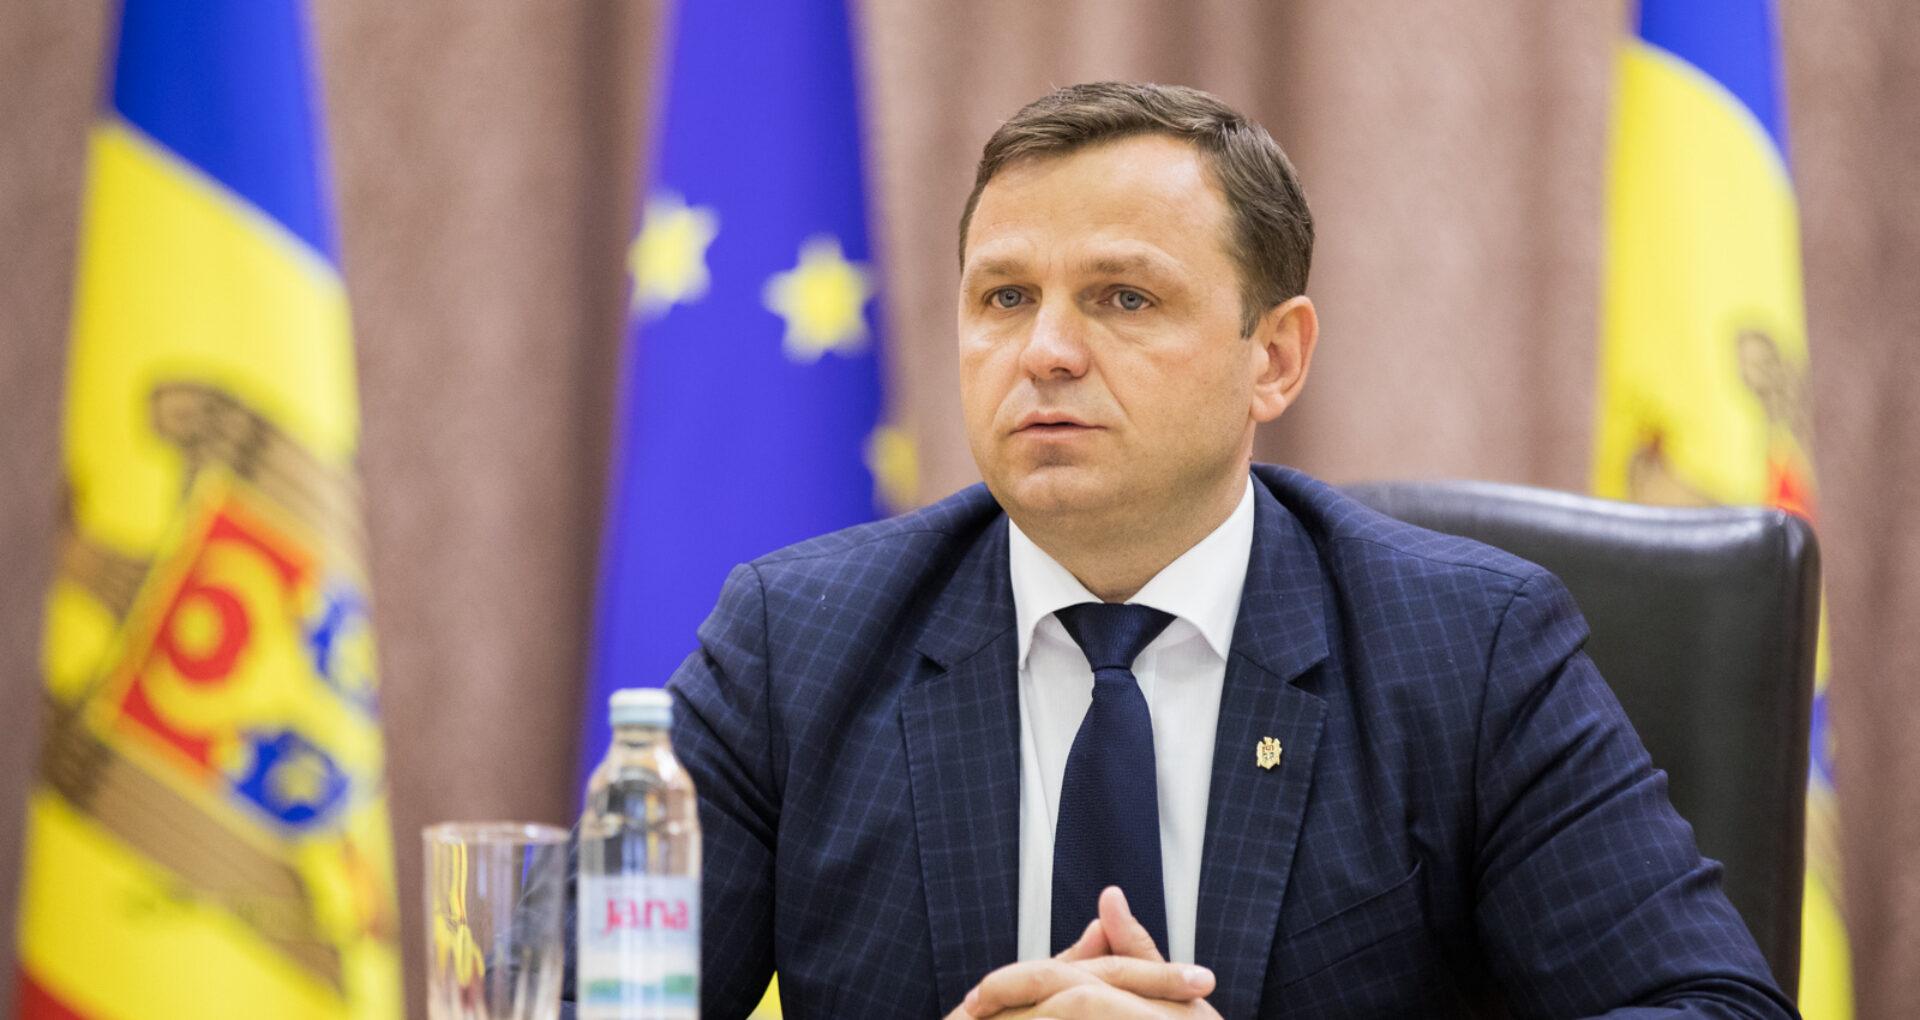 """Andrei Năstase, după ce a fost pronunțată decizia CC: """"Platforma DA își reiterează poziția oficială de a-și asuma un Guvern minoritar de profil proeuropean"""""""